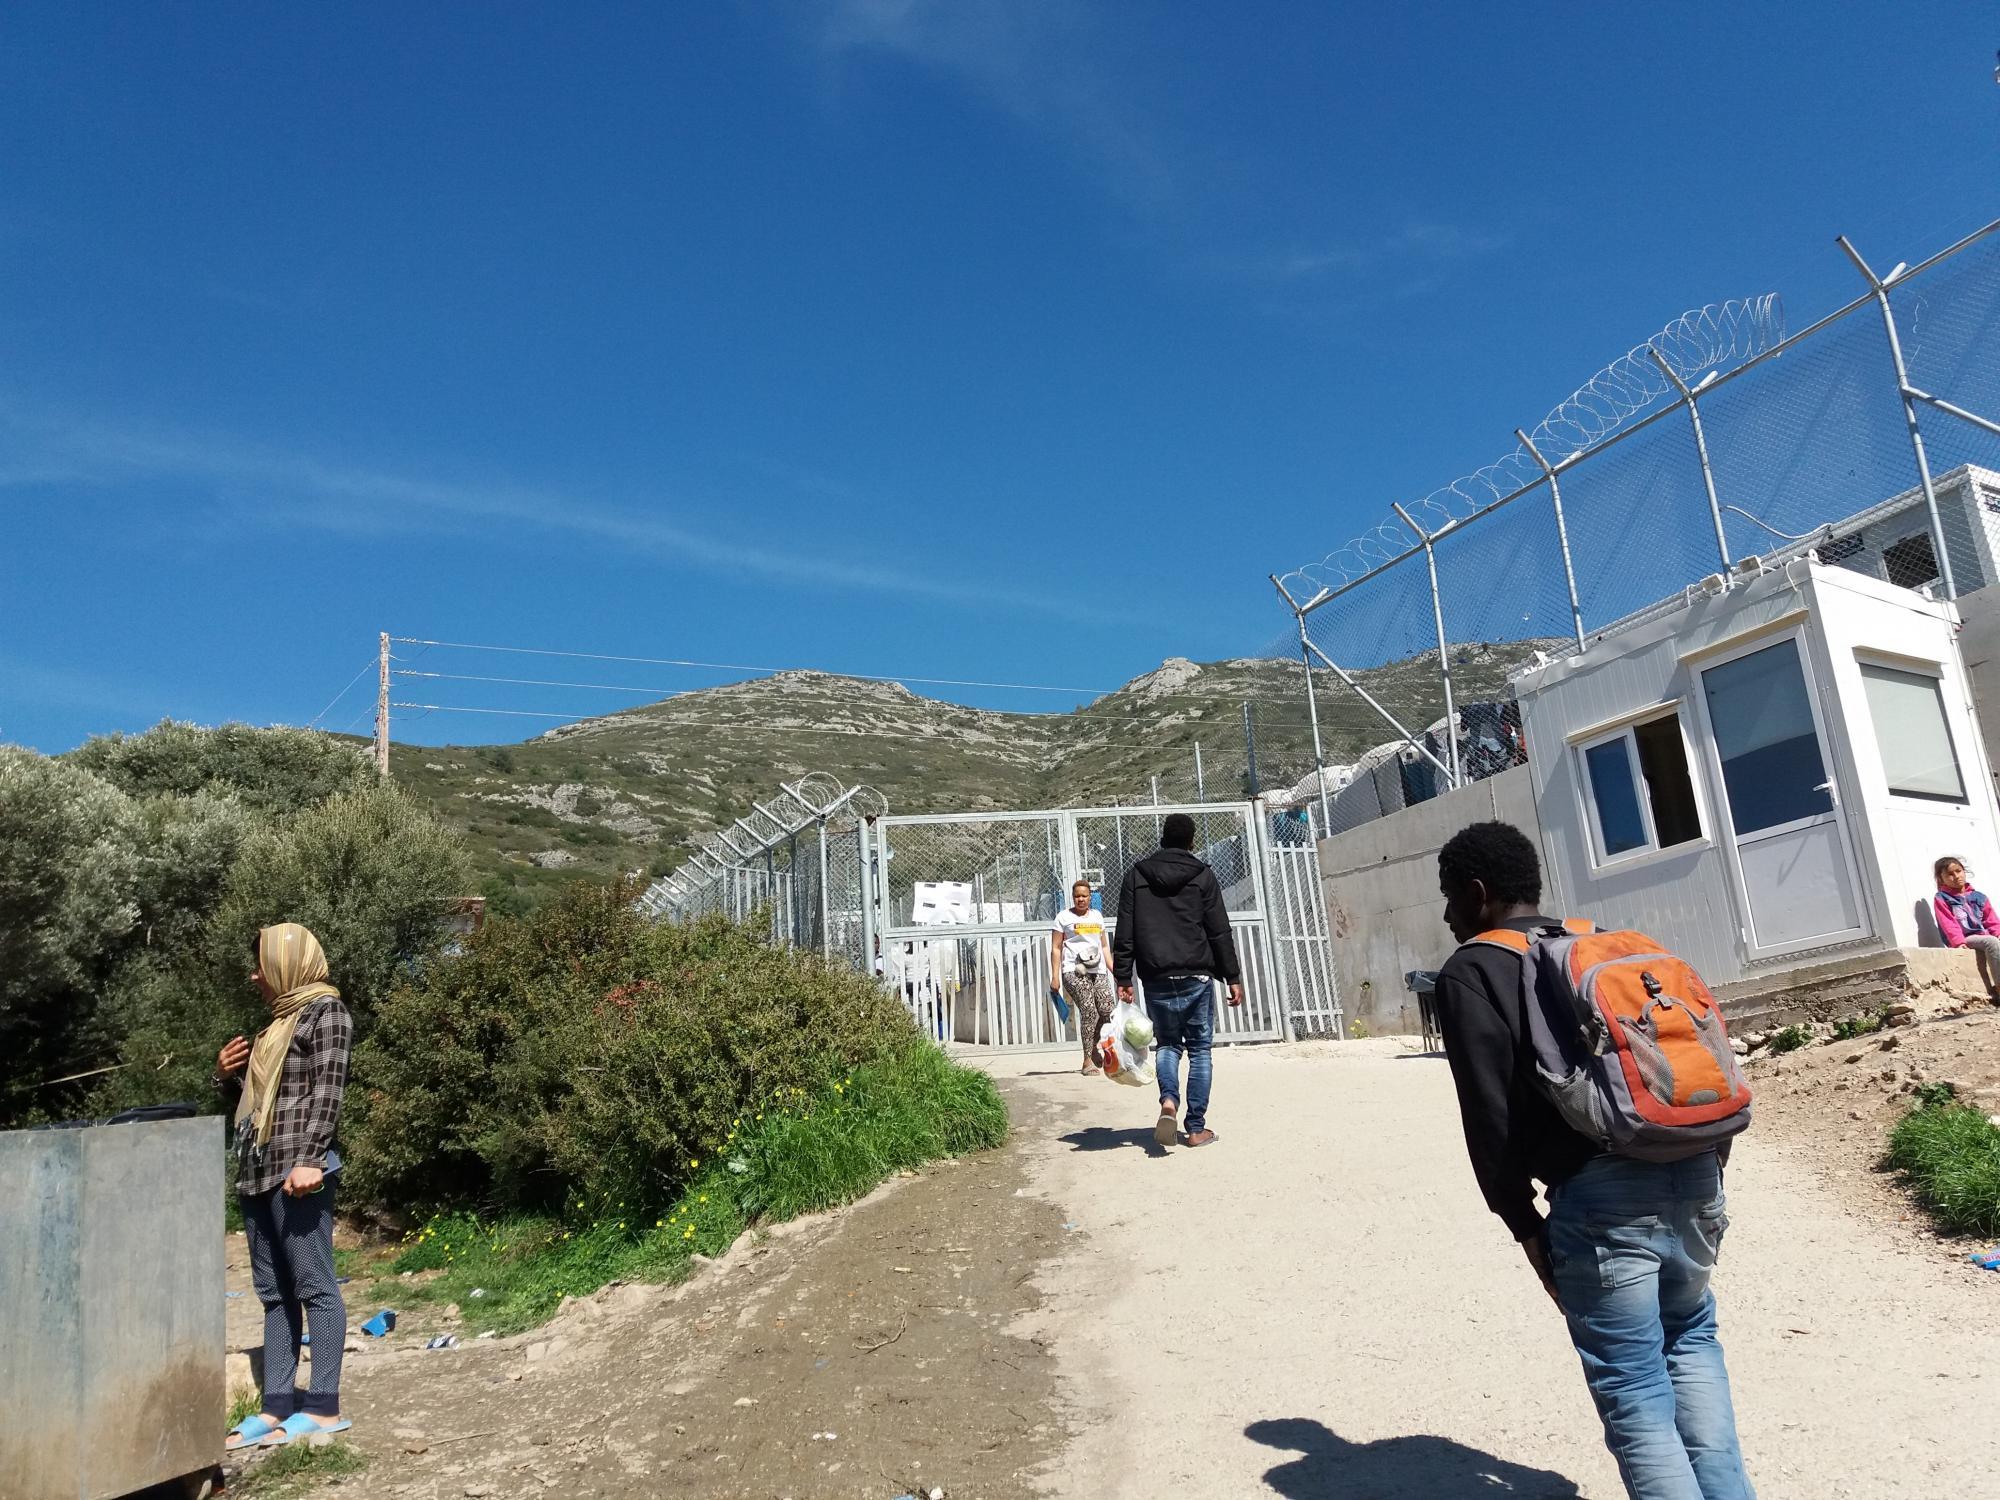 Vstup do oficiálního tábora na Samu. Uvnitř tábora se fotit nesmí. Běženci dostávají třikrát denně jídlo. Tábor mohou svobodně opouštět mezi šestou ranní a desátou večerní, spát ale musí uvnitř